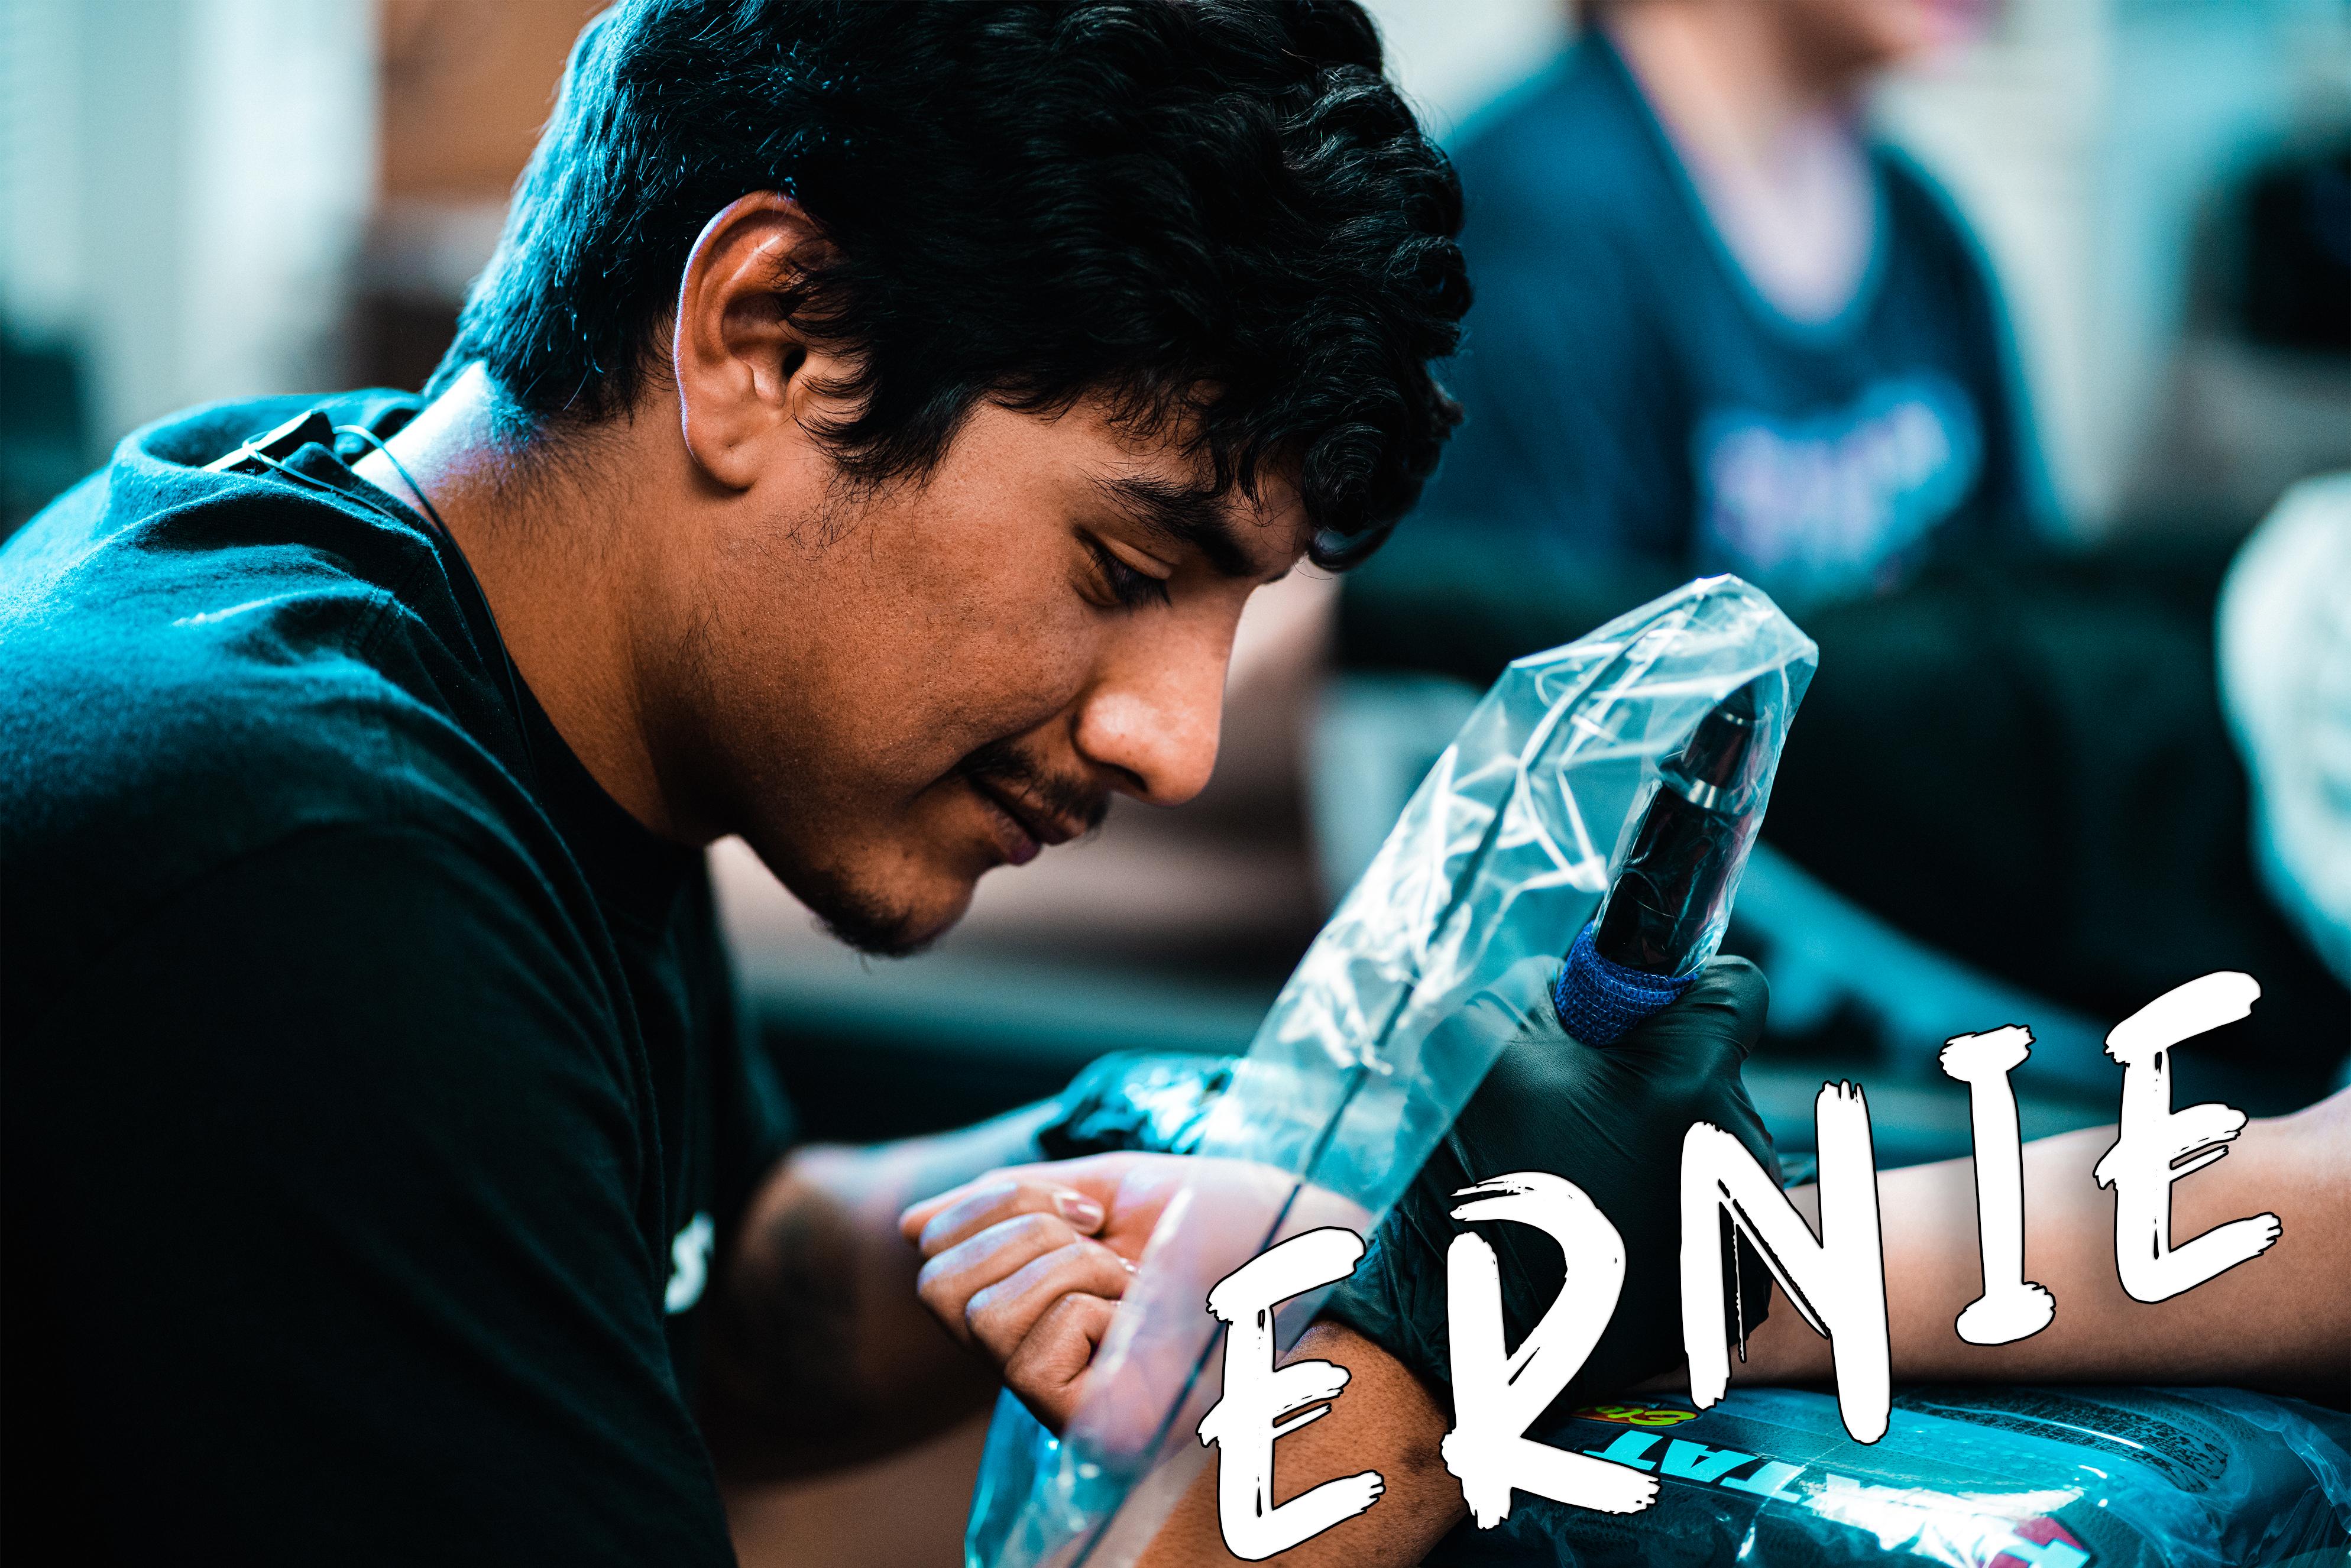 ERNIE-50